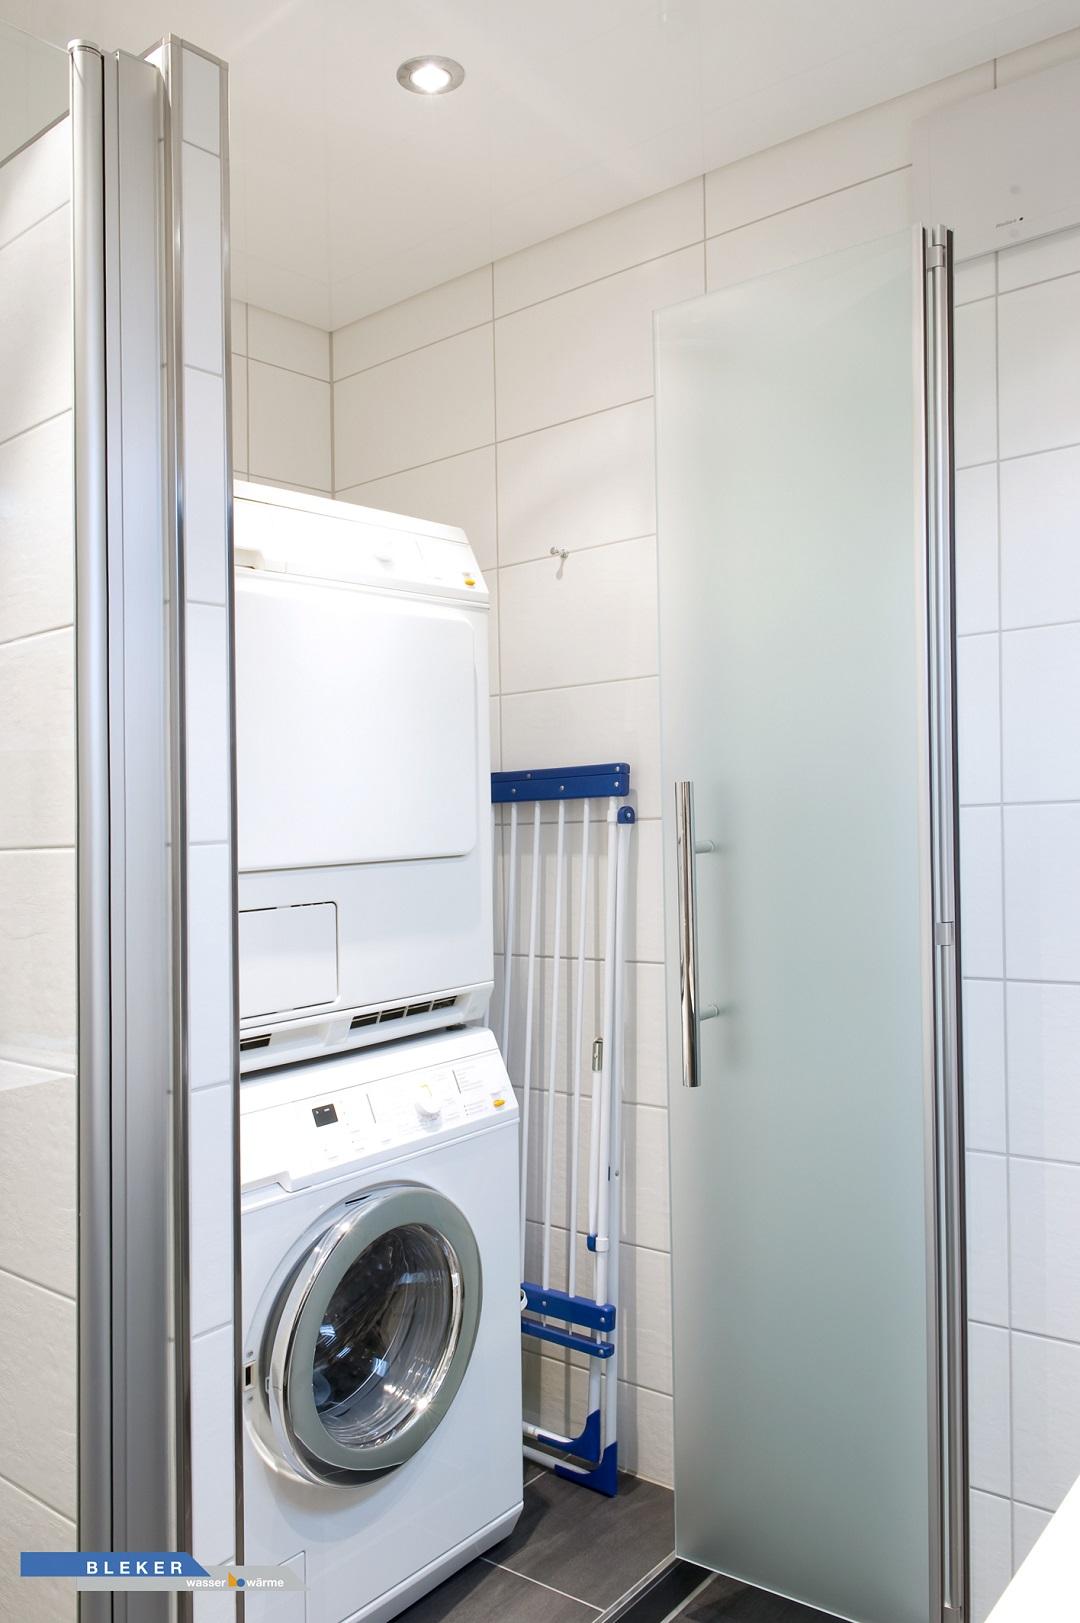 Waschmaschine und Trockner edel im Bad versteckt